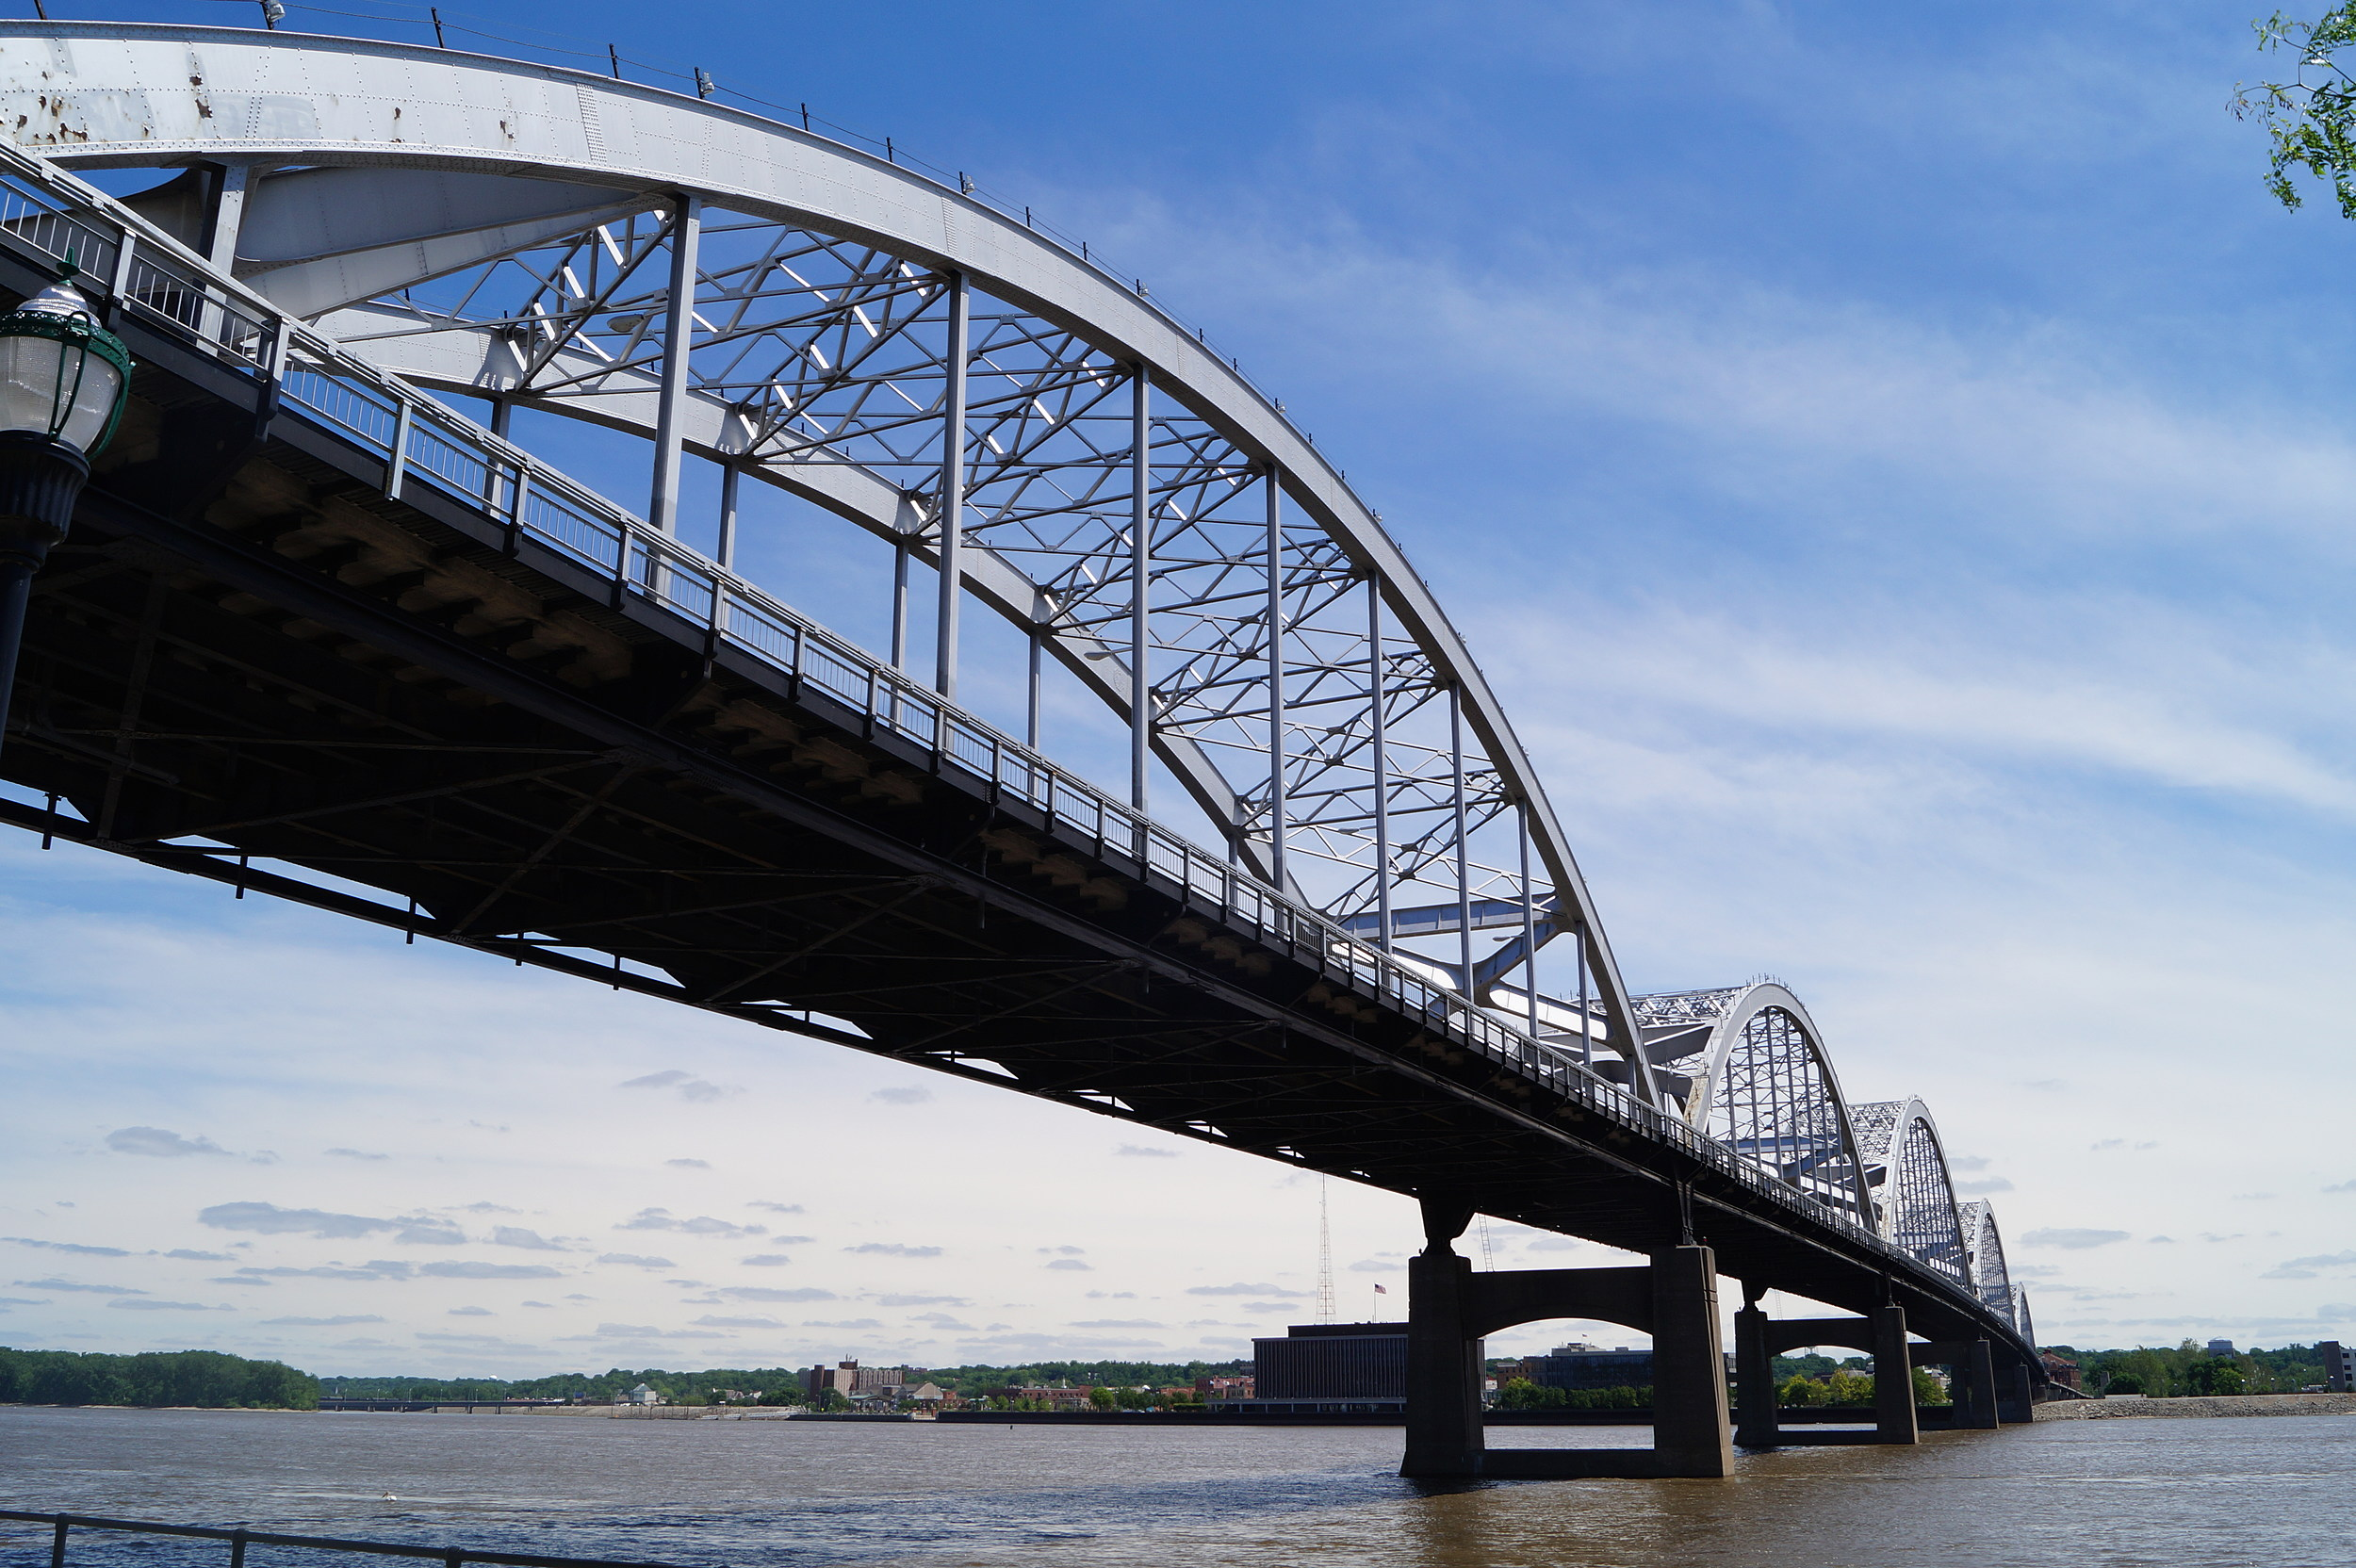 Cent-bridge